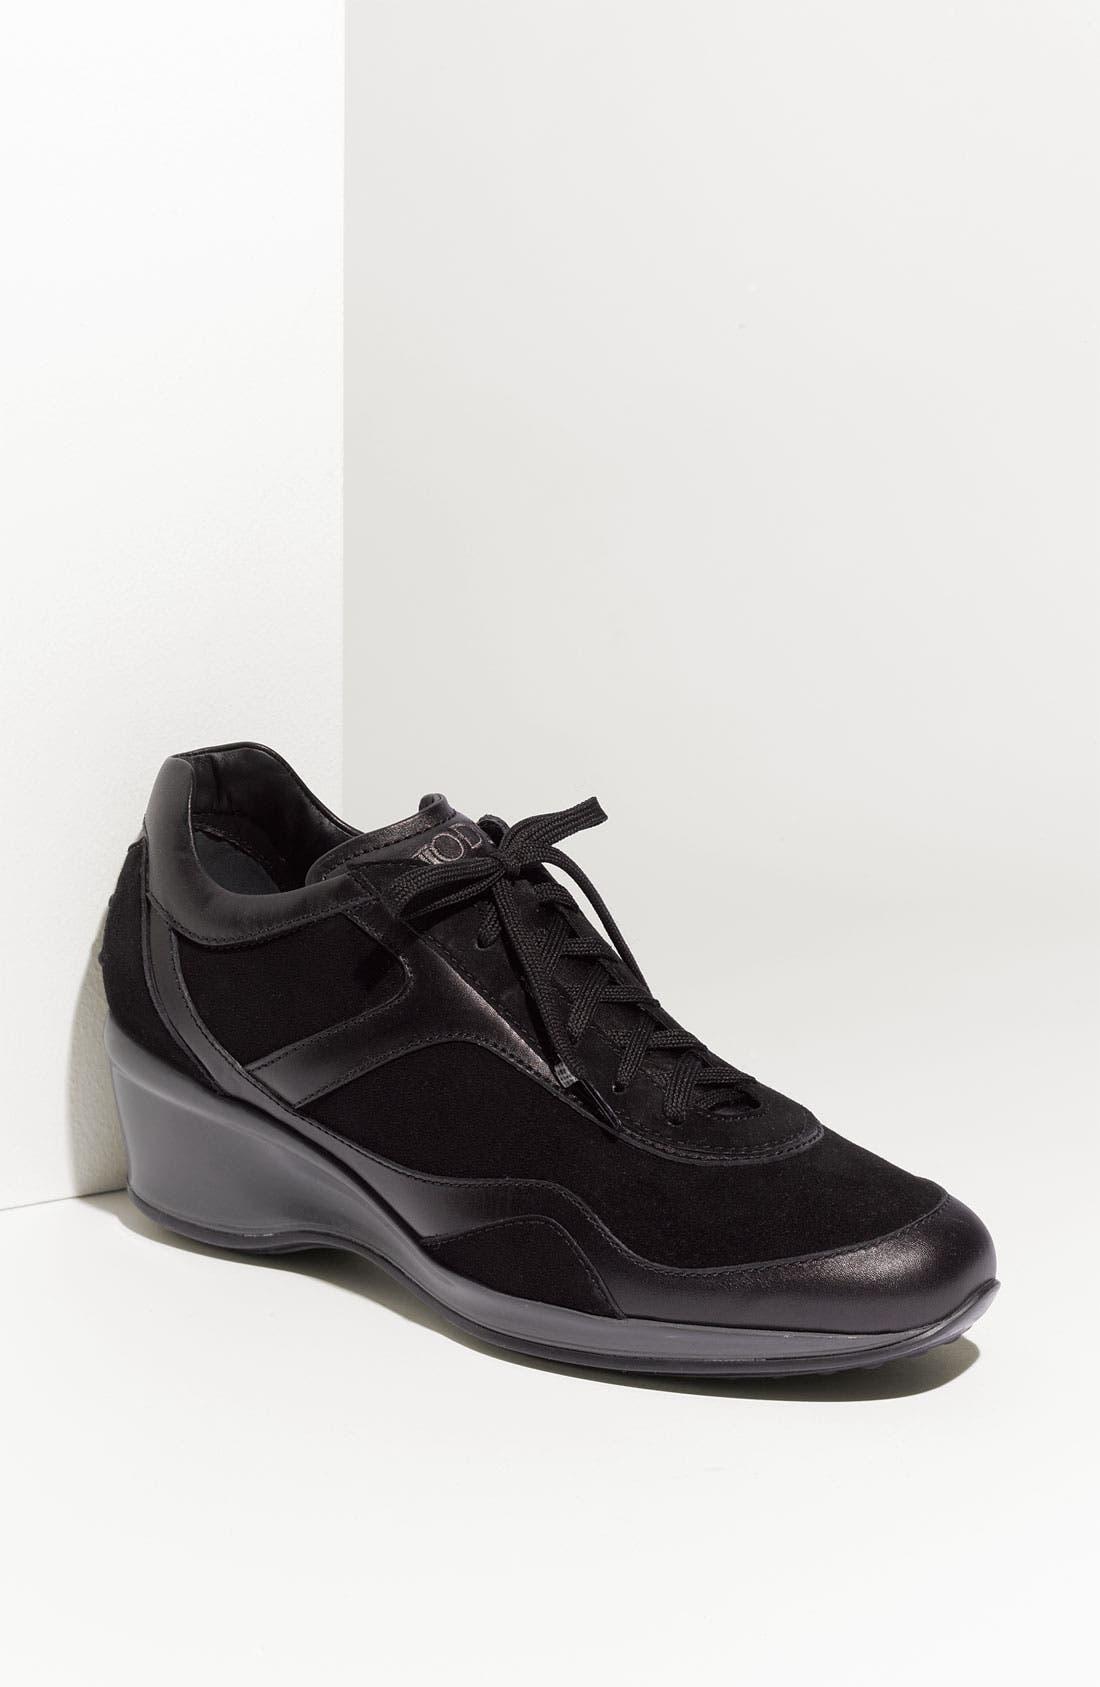 Alternate Image 1 Selected - Tod's Wedge Heel Sneaker